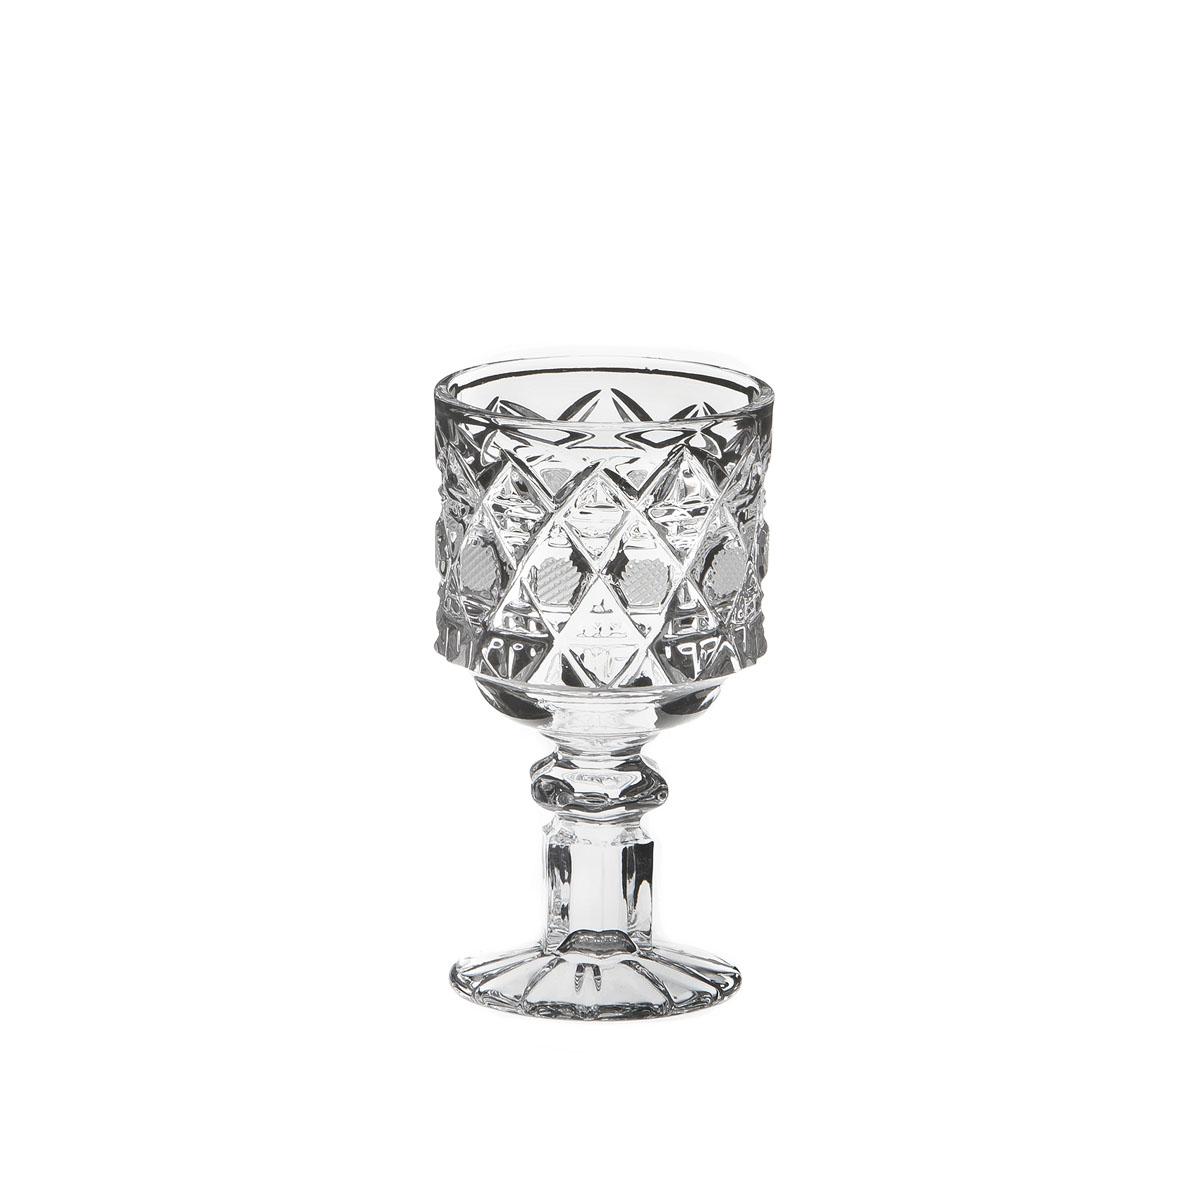 Рюмка Дятьковский хрусталь Классика, 50 мл. С149/2С149/2Хрустальные рюмки - пожалуй самая необходимая и прывичная часть посуды в каждом русском доме. Это посуда сугубо для алкогольных напитков. Вообще существует закономерность - чем крепче спиртной напиток, тем меньше объем рюмки, бокала или стопки. Хрустальные рюмки для водки - самые маленькие, а хрустальный рюмки для ликеров, коктейлей и вина - обычно больше.